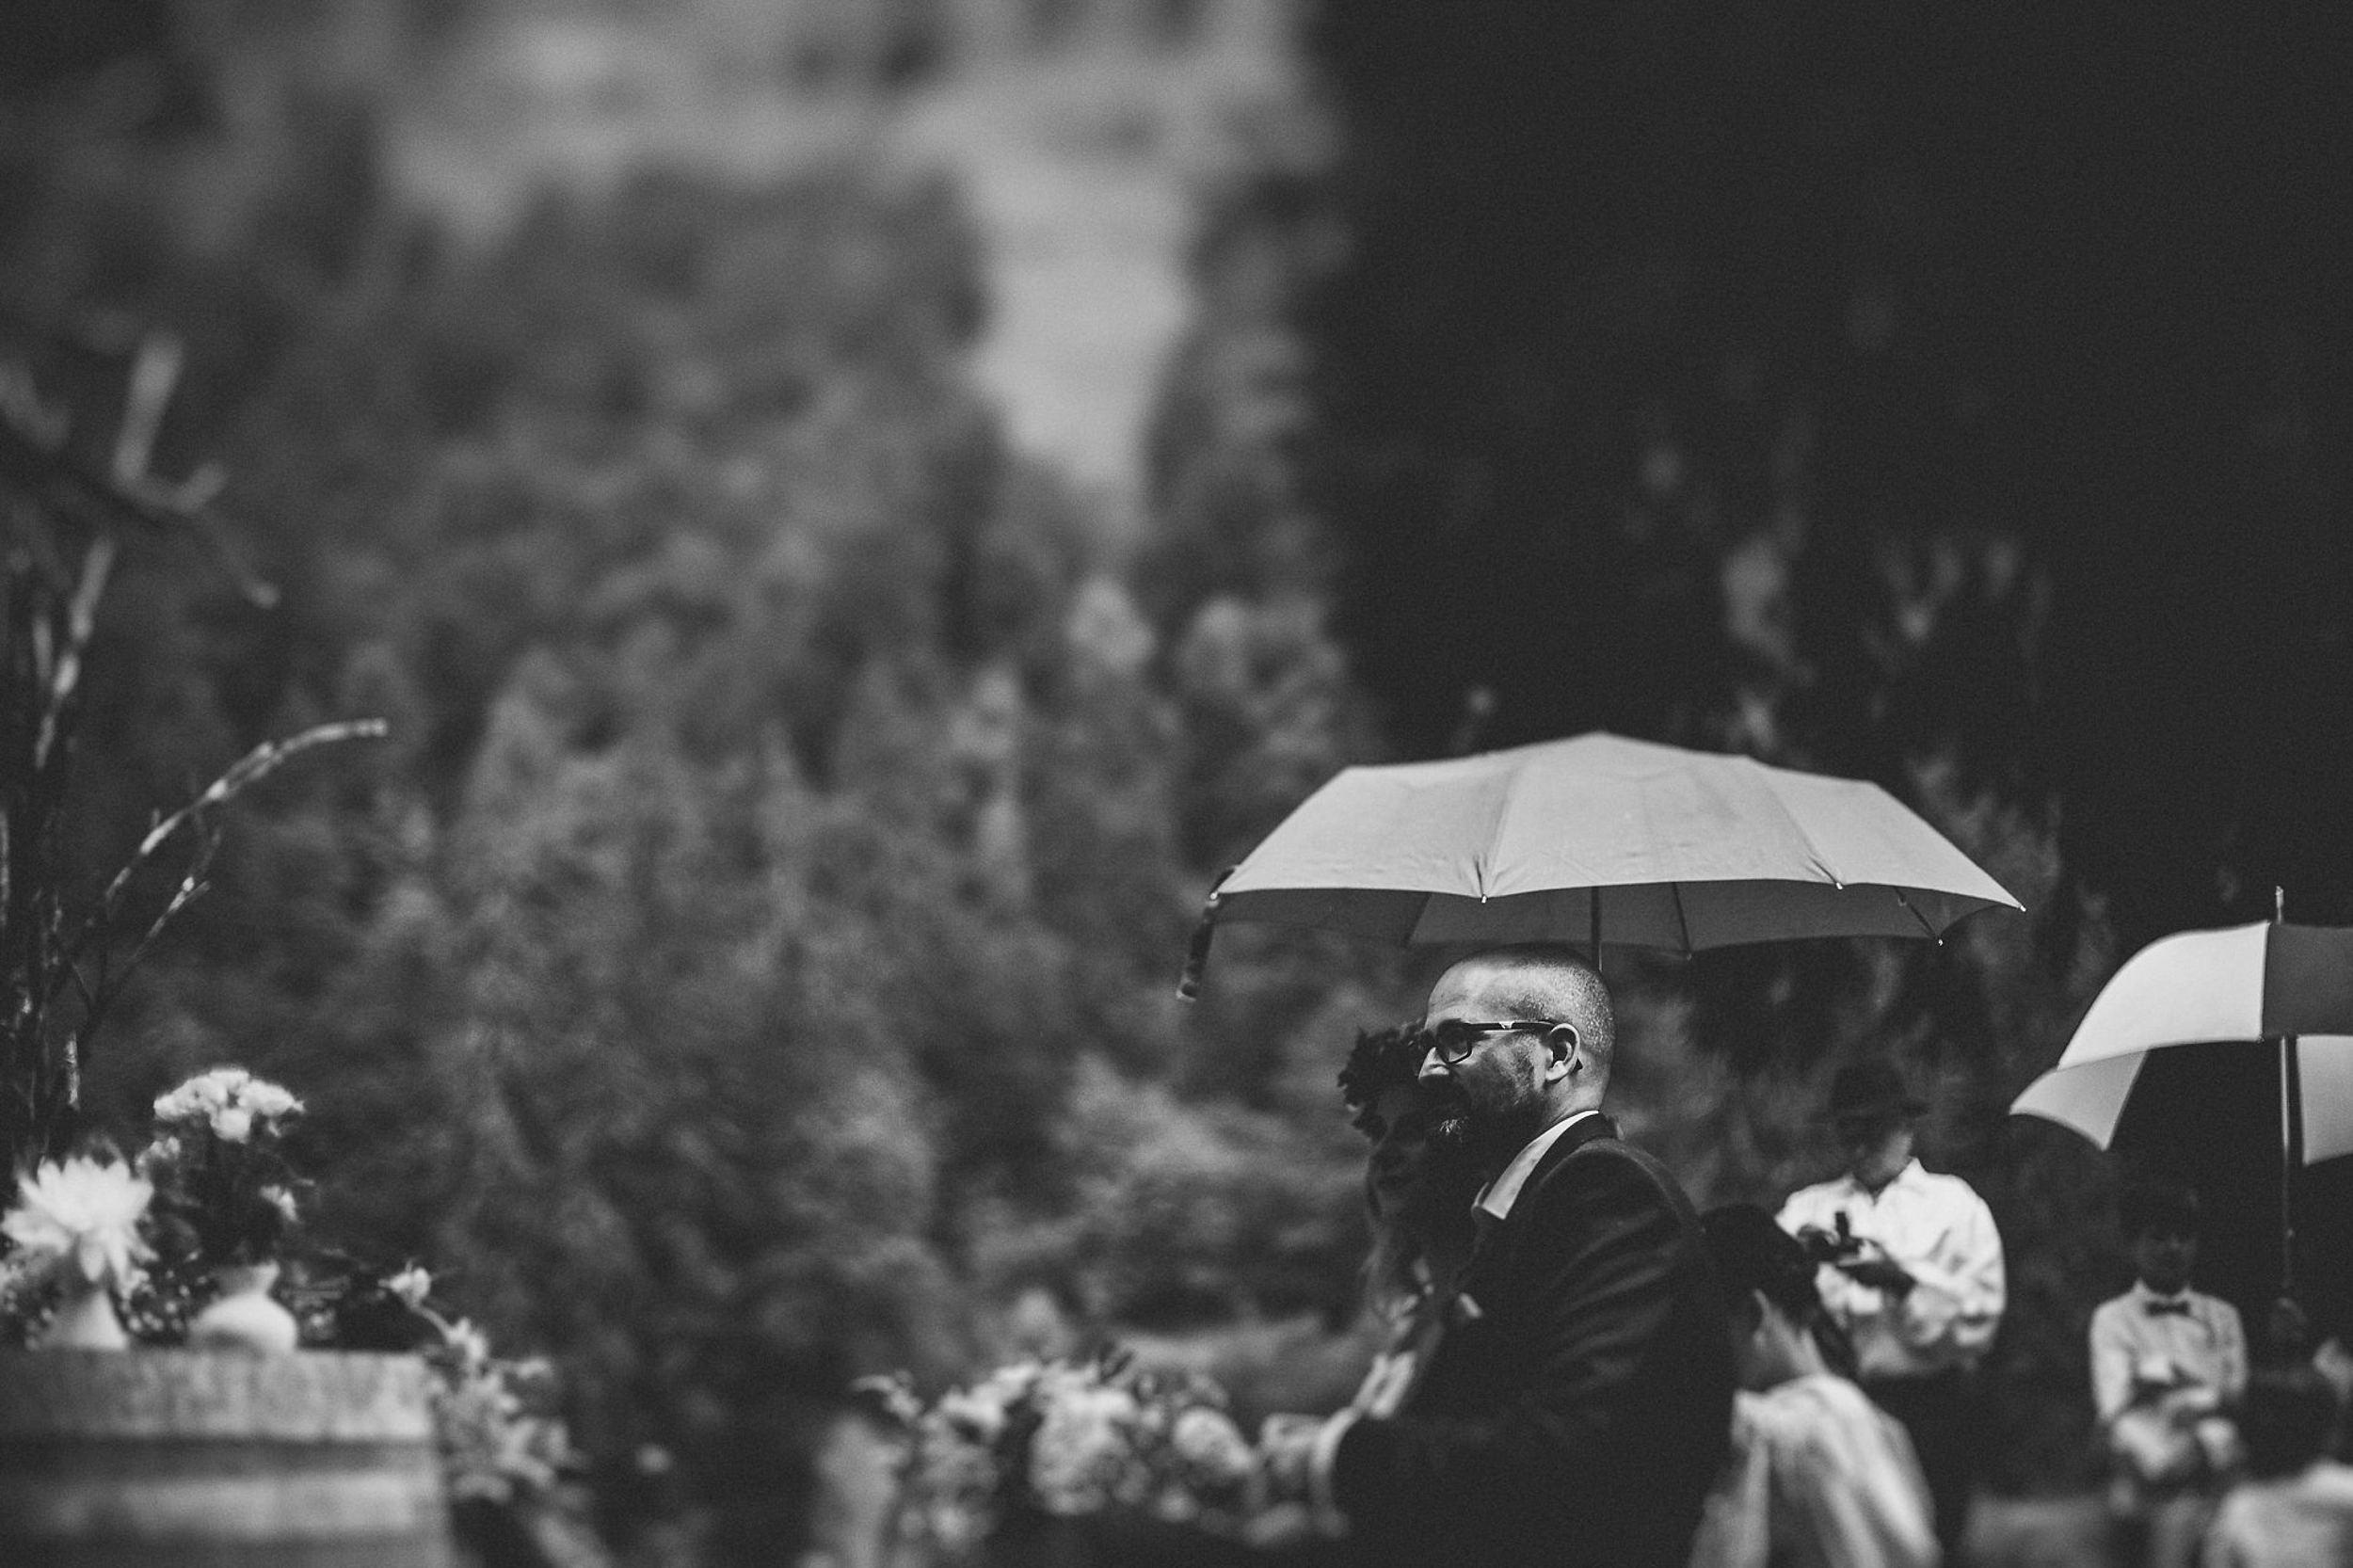 mariage-suisse-haute-savoie-domaine-baron-steven-bassillieaux-bordeaux-dordogne-wedding-photographe-51.jpg